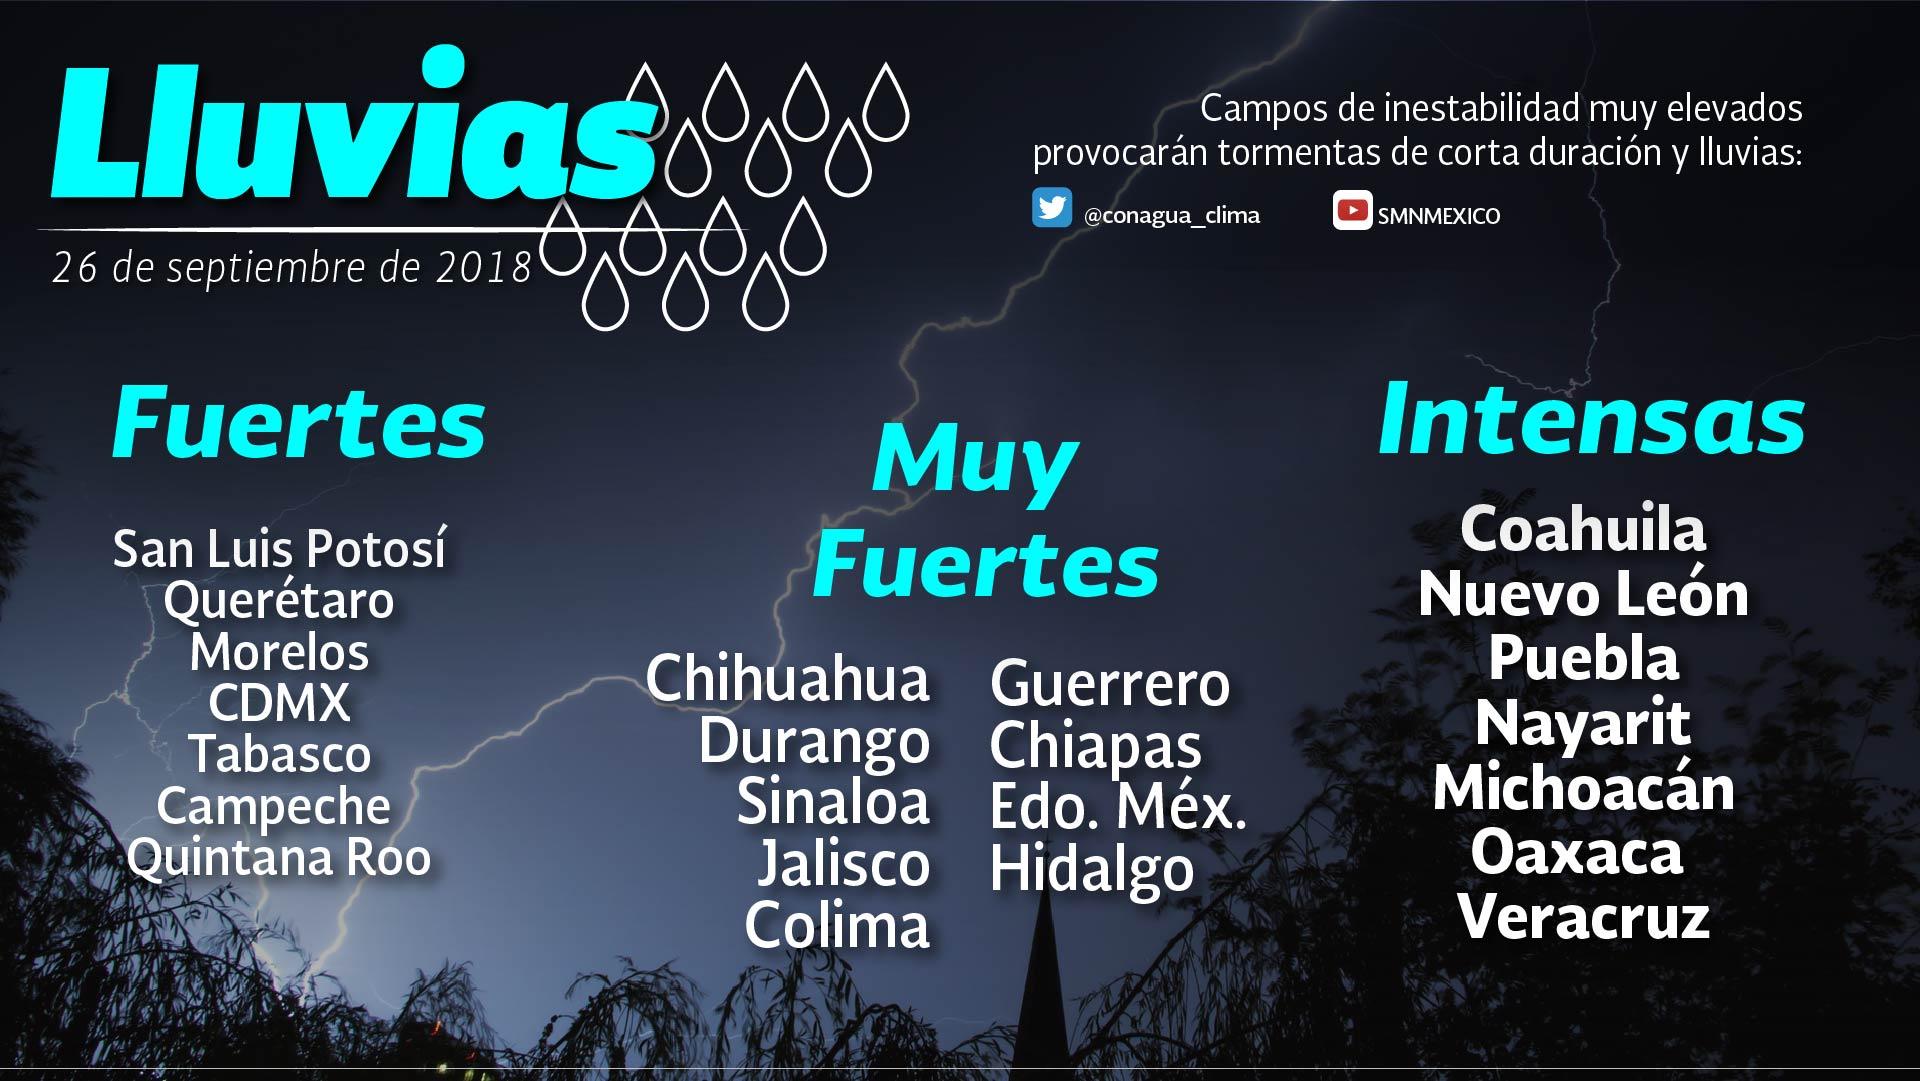 Prevén tormentas intensas en Coahuila, Puebla, Nayarit y Veracruz